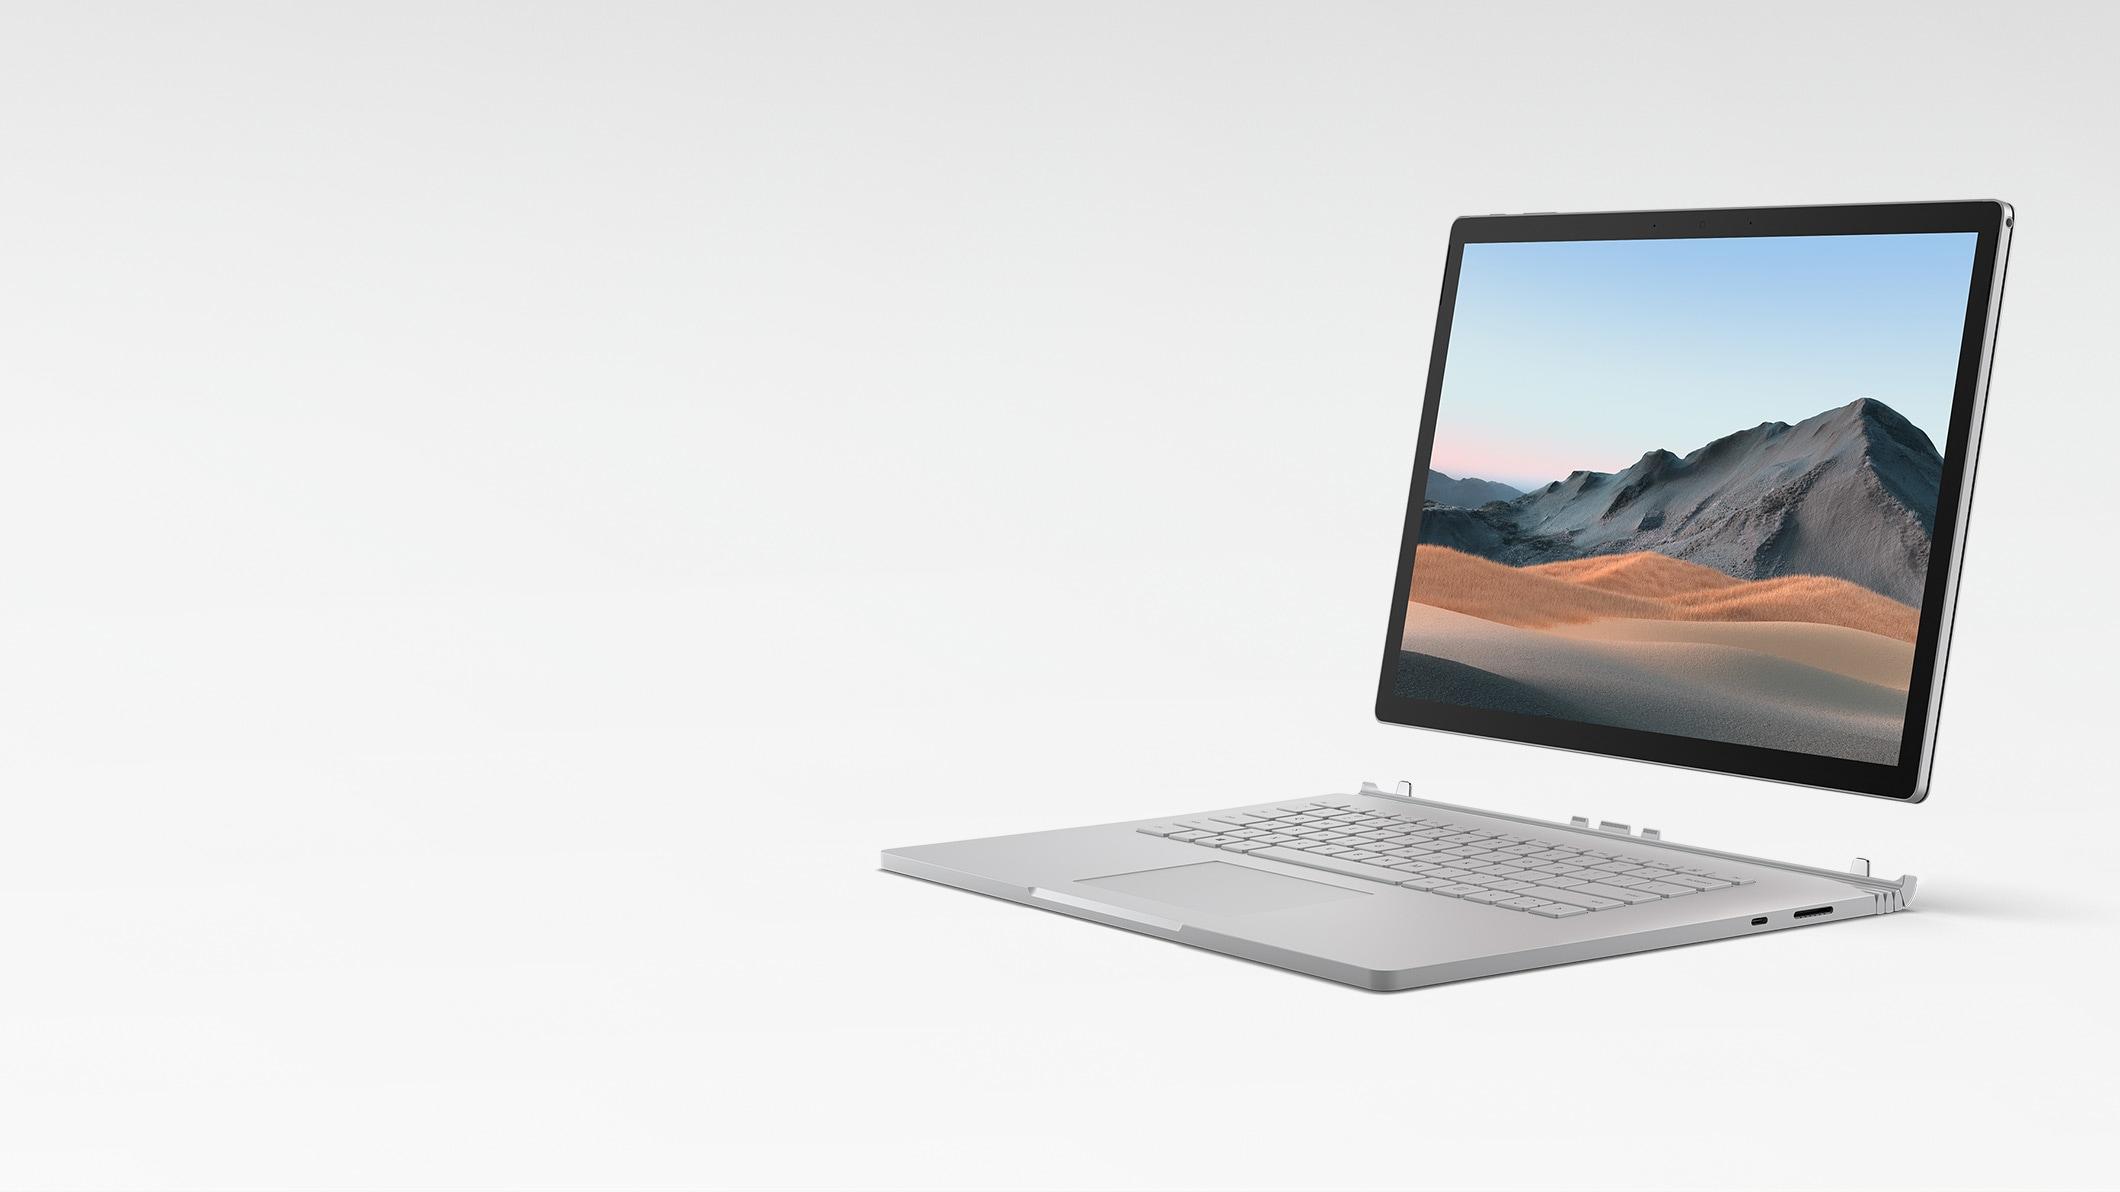 Surface Book 3 en mode ordinateur portable avec l'écran détaché du clavier